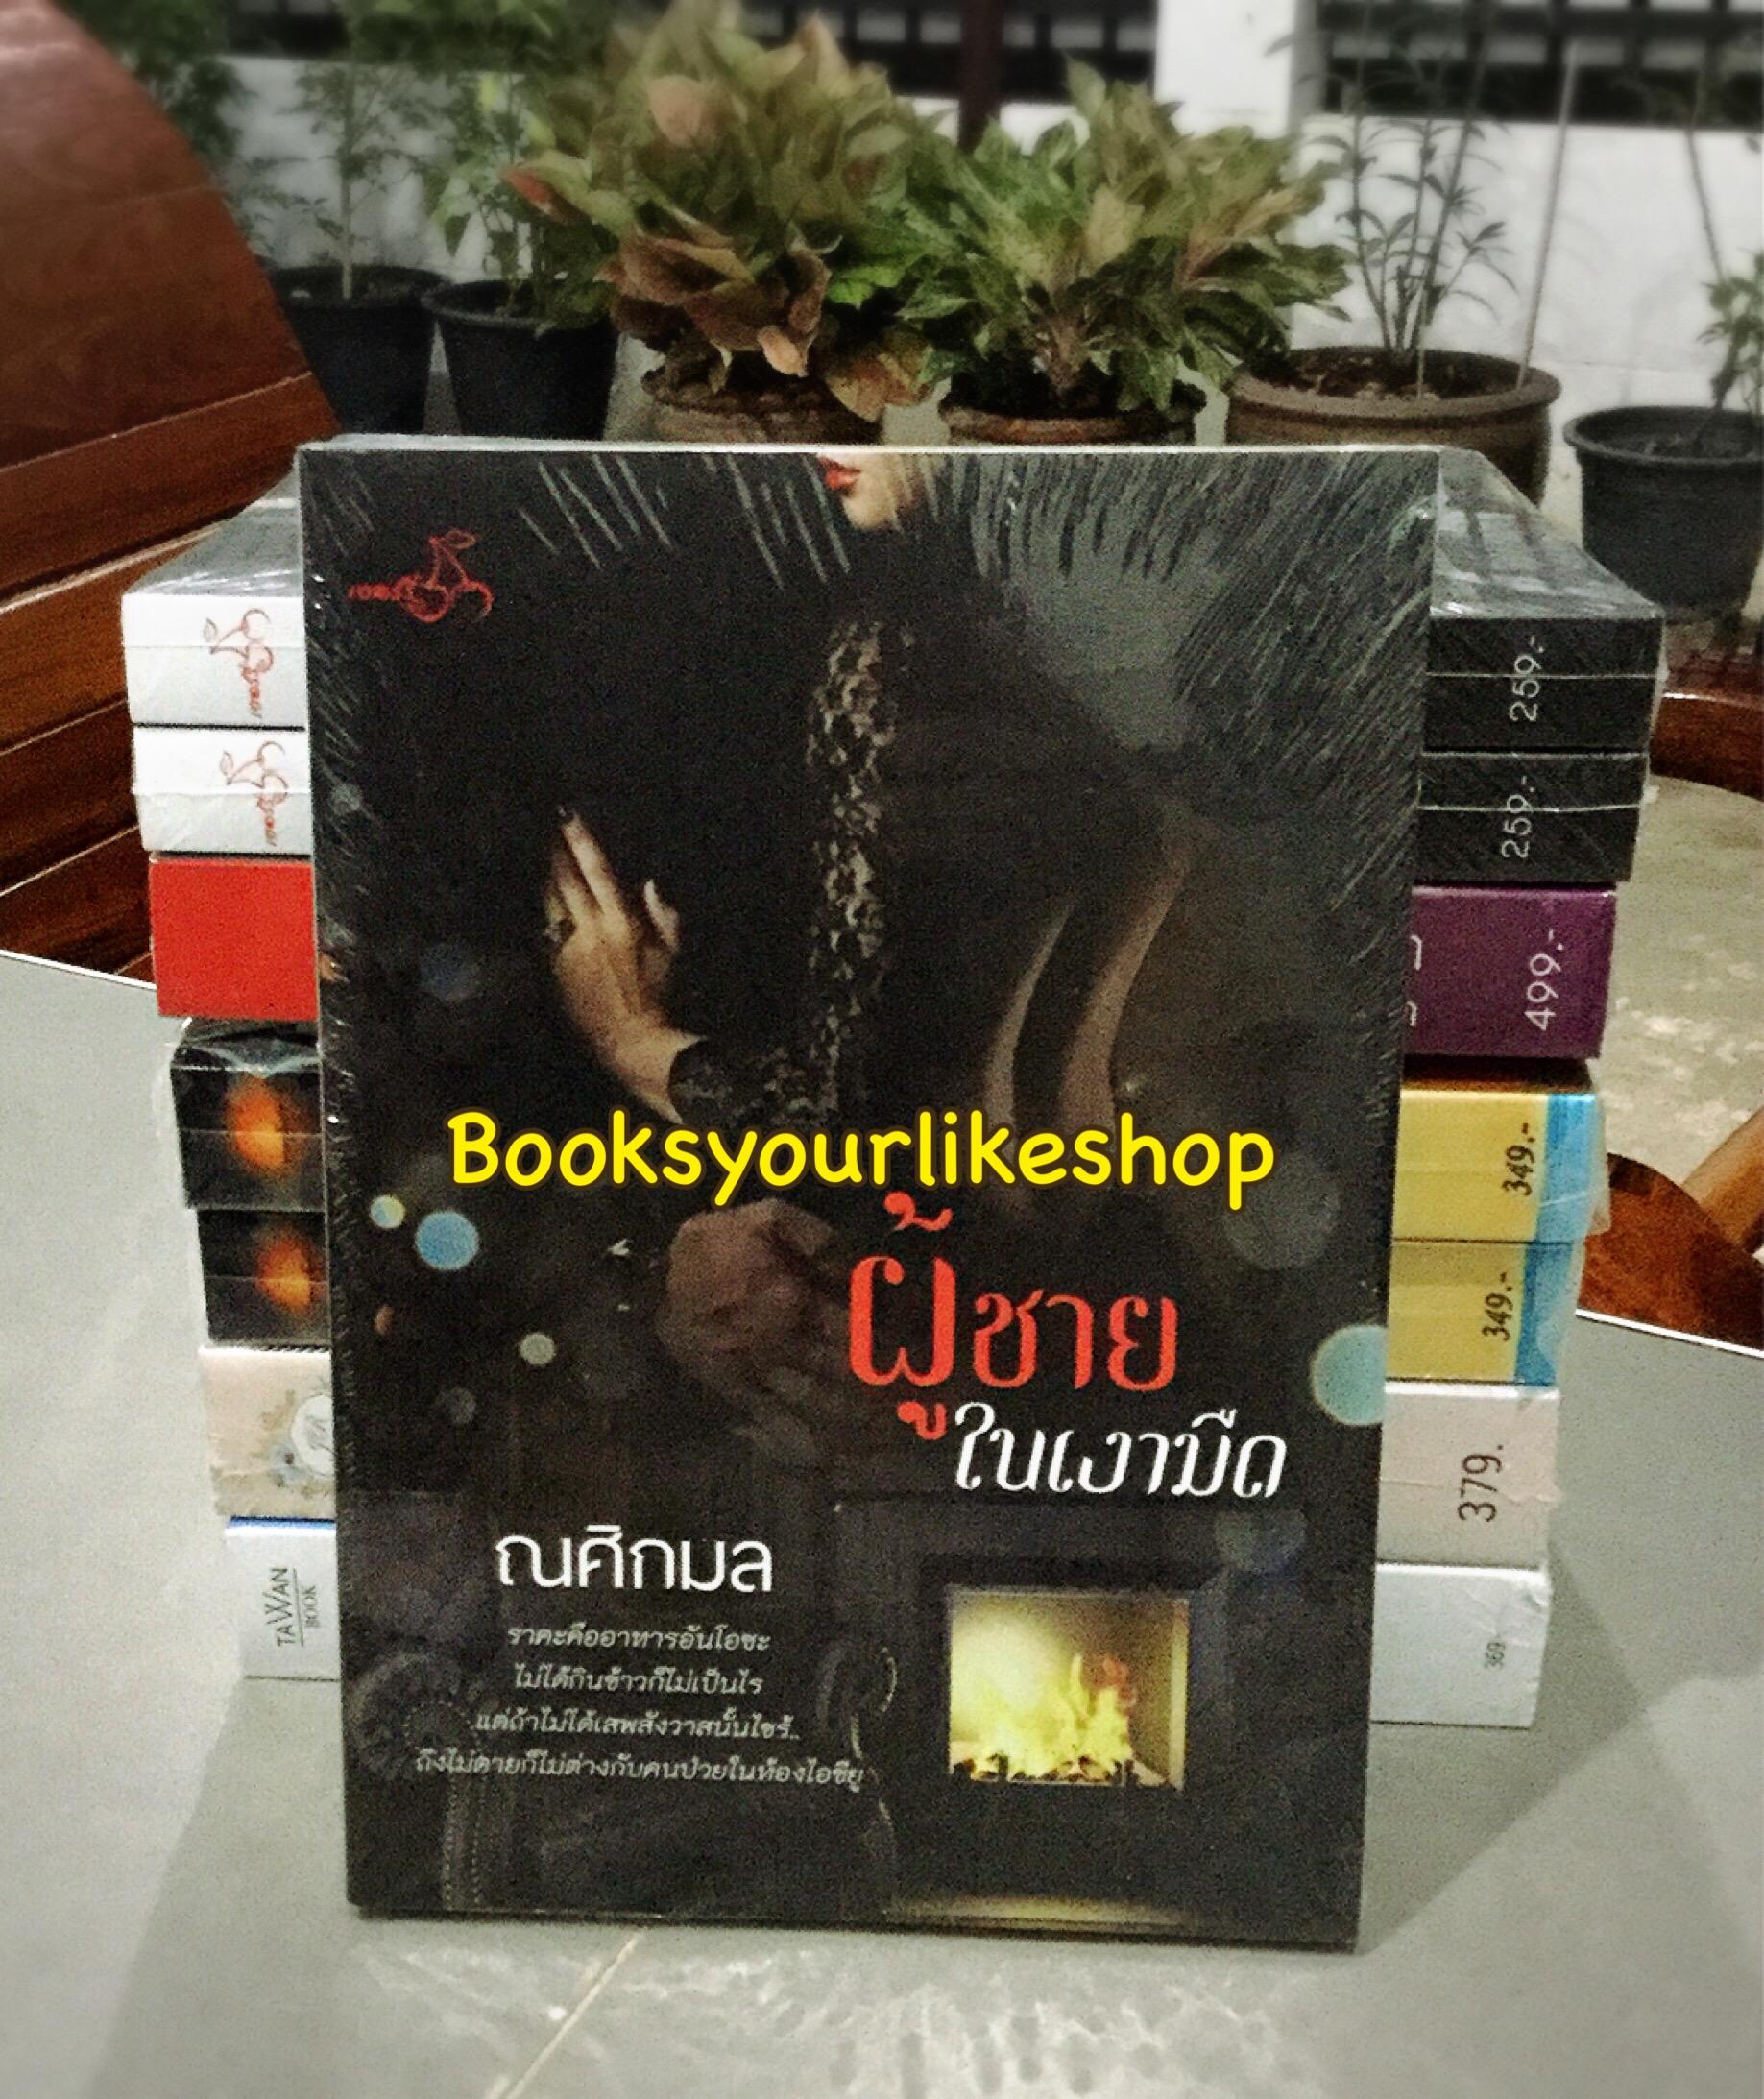 ผู้ชายในเงามืด / ณศิกมล ( ซินเหมย ) หนังสือใหม่ทำมือ***สนุกคะ***